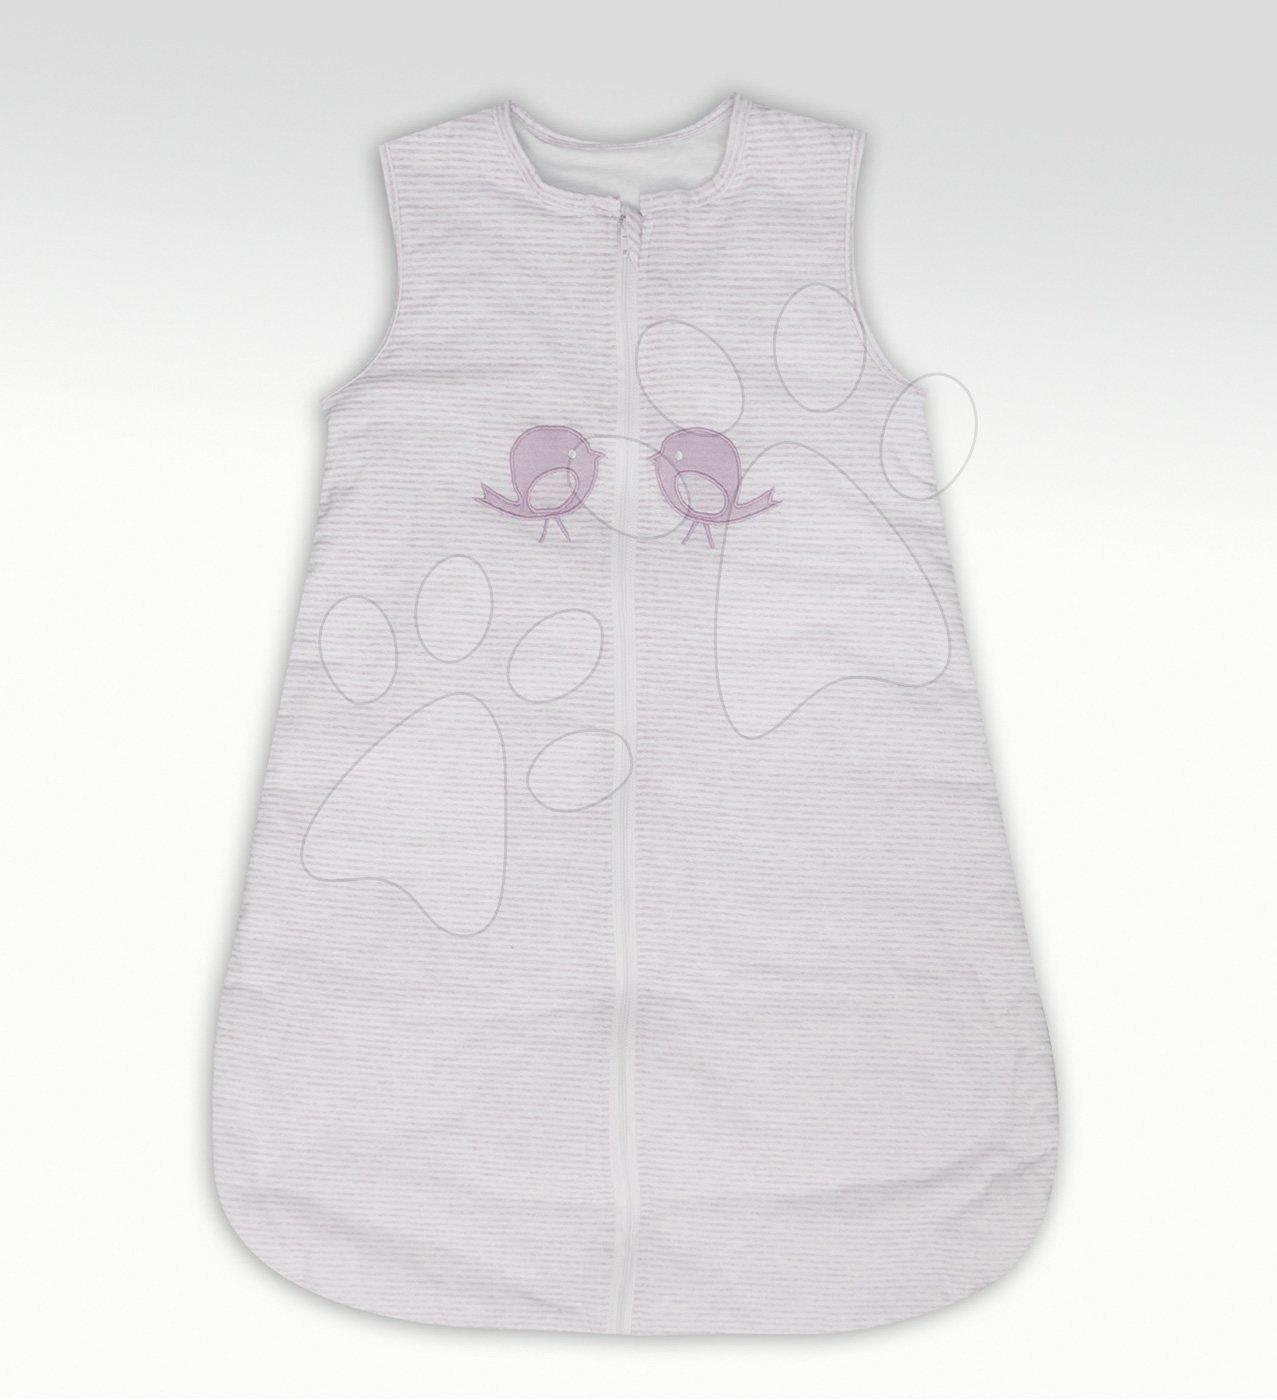 Spací vak pro miminka Classic toTs-smarTrike ptáčci 100% jersey bavlna růžový zimní od 6 měsíců